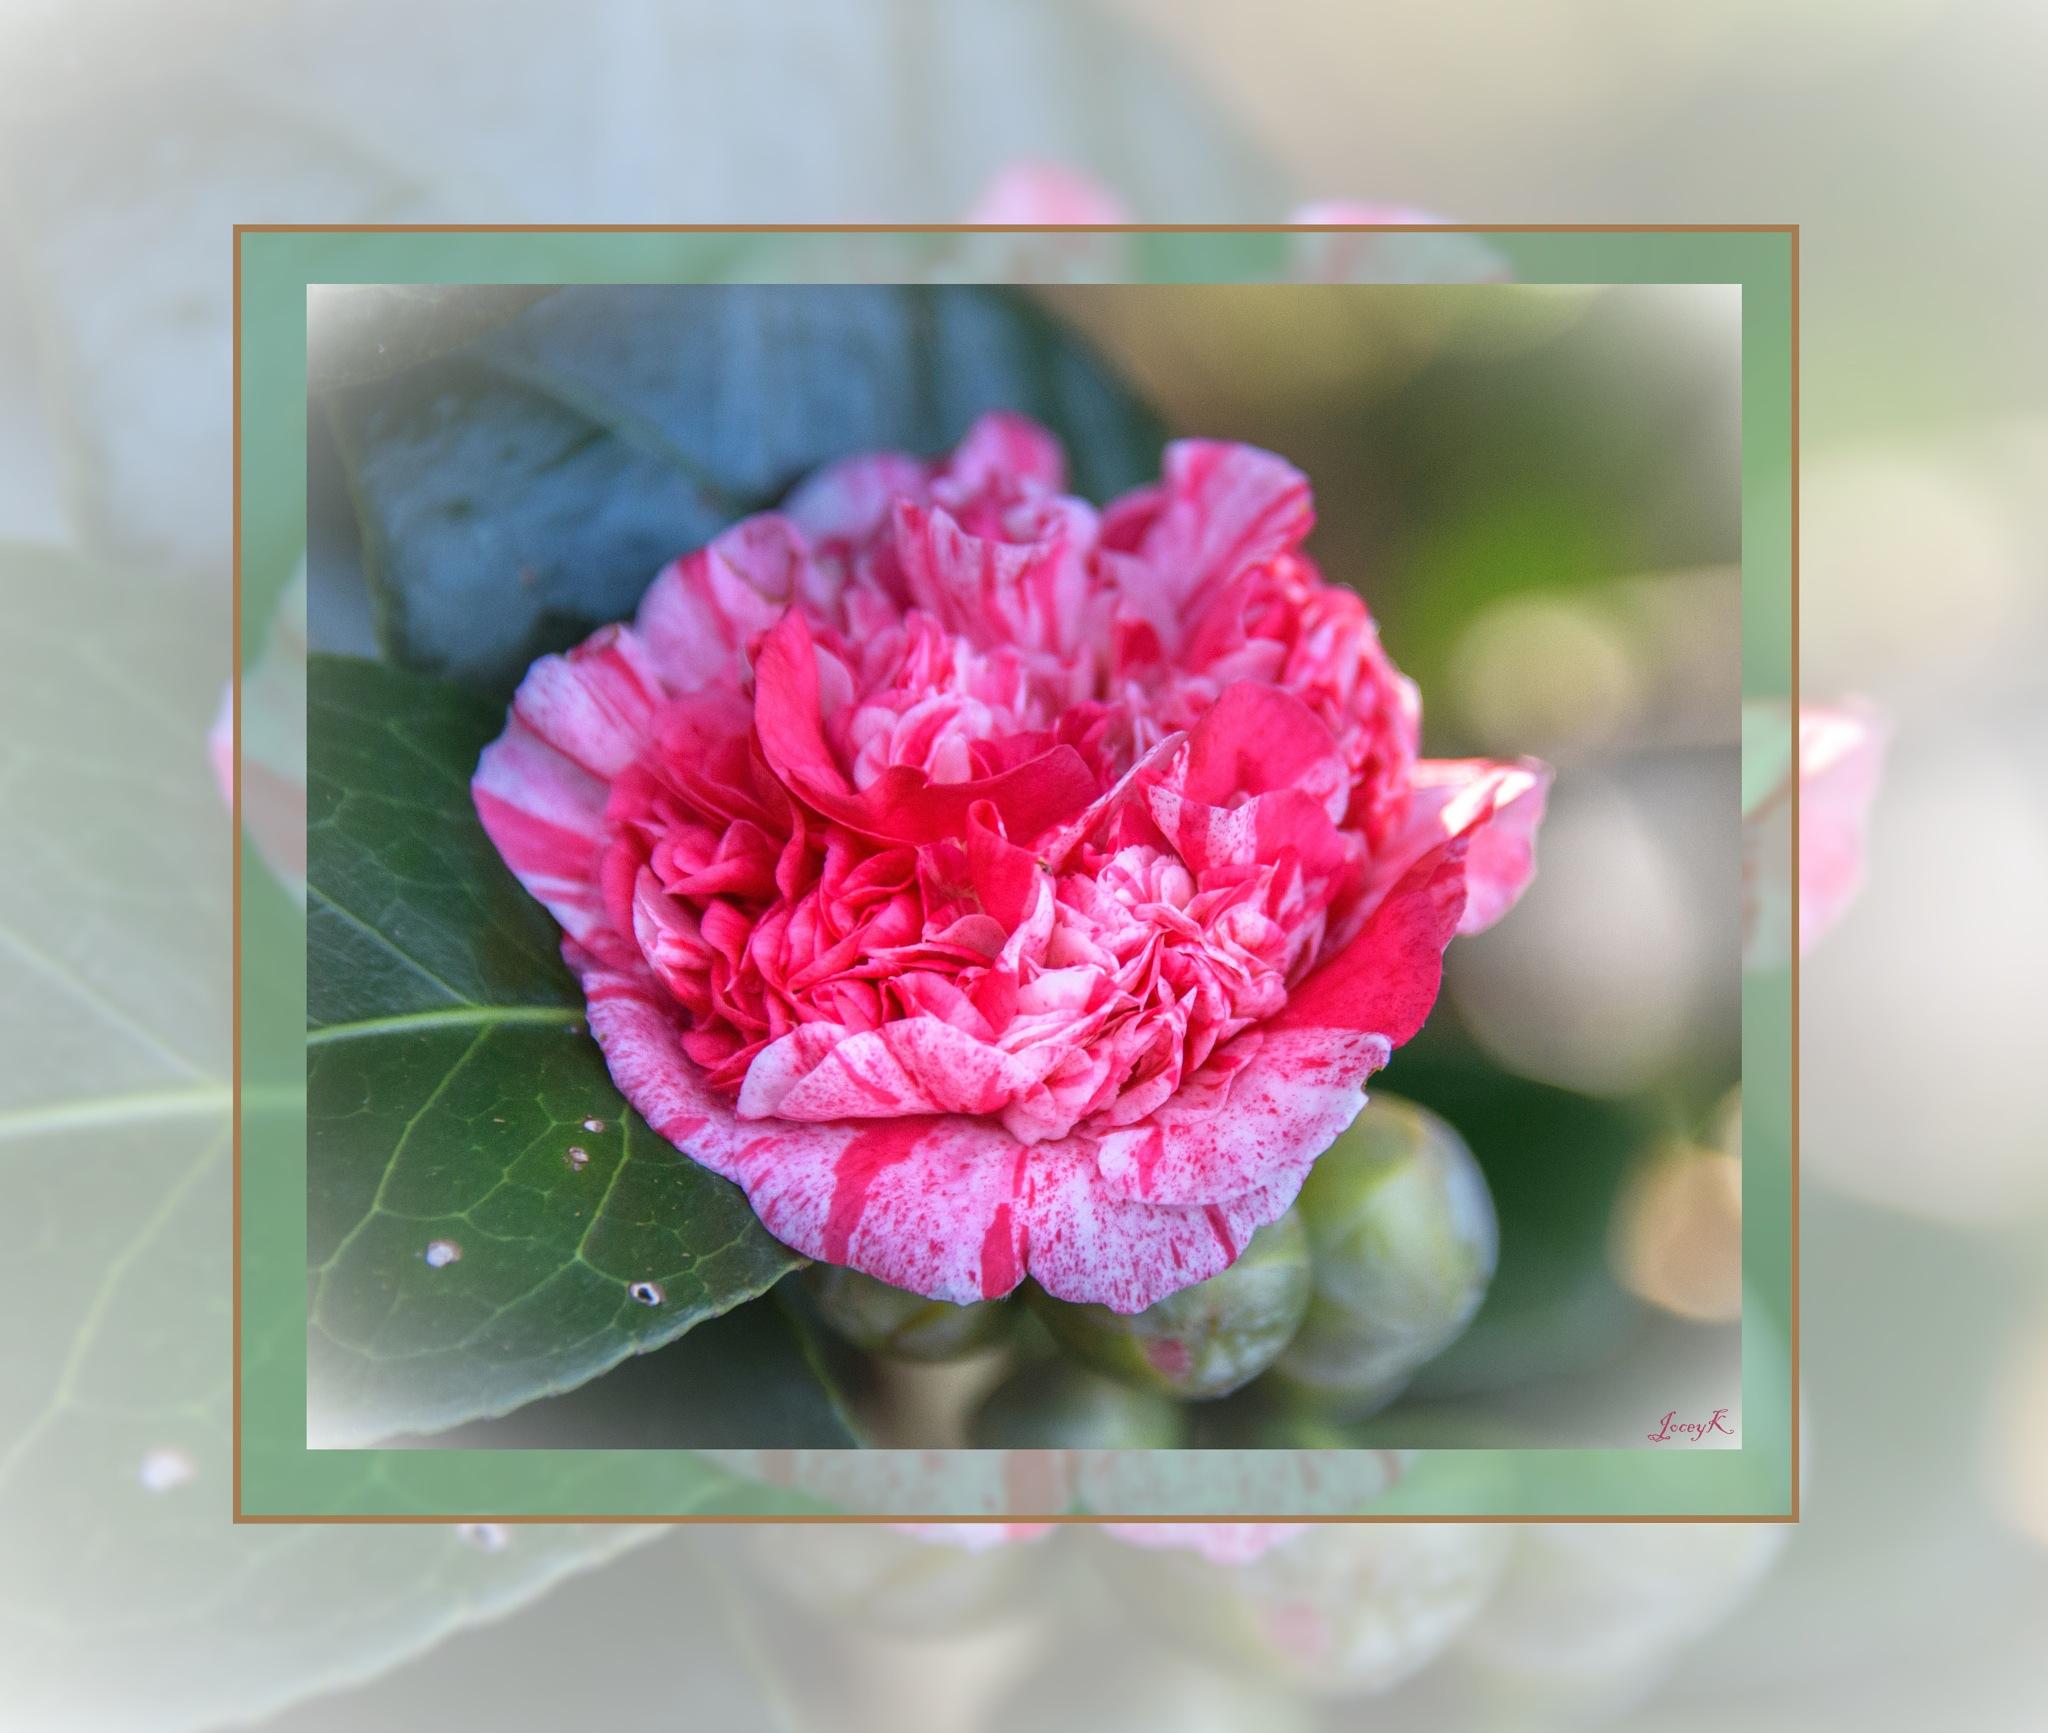 Raspberry Ripple by Jocelyn Kinghorn